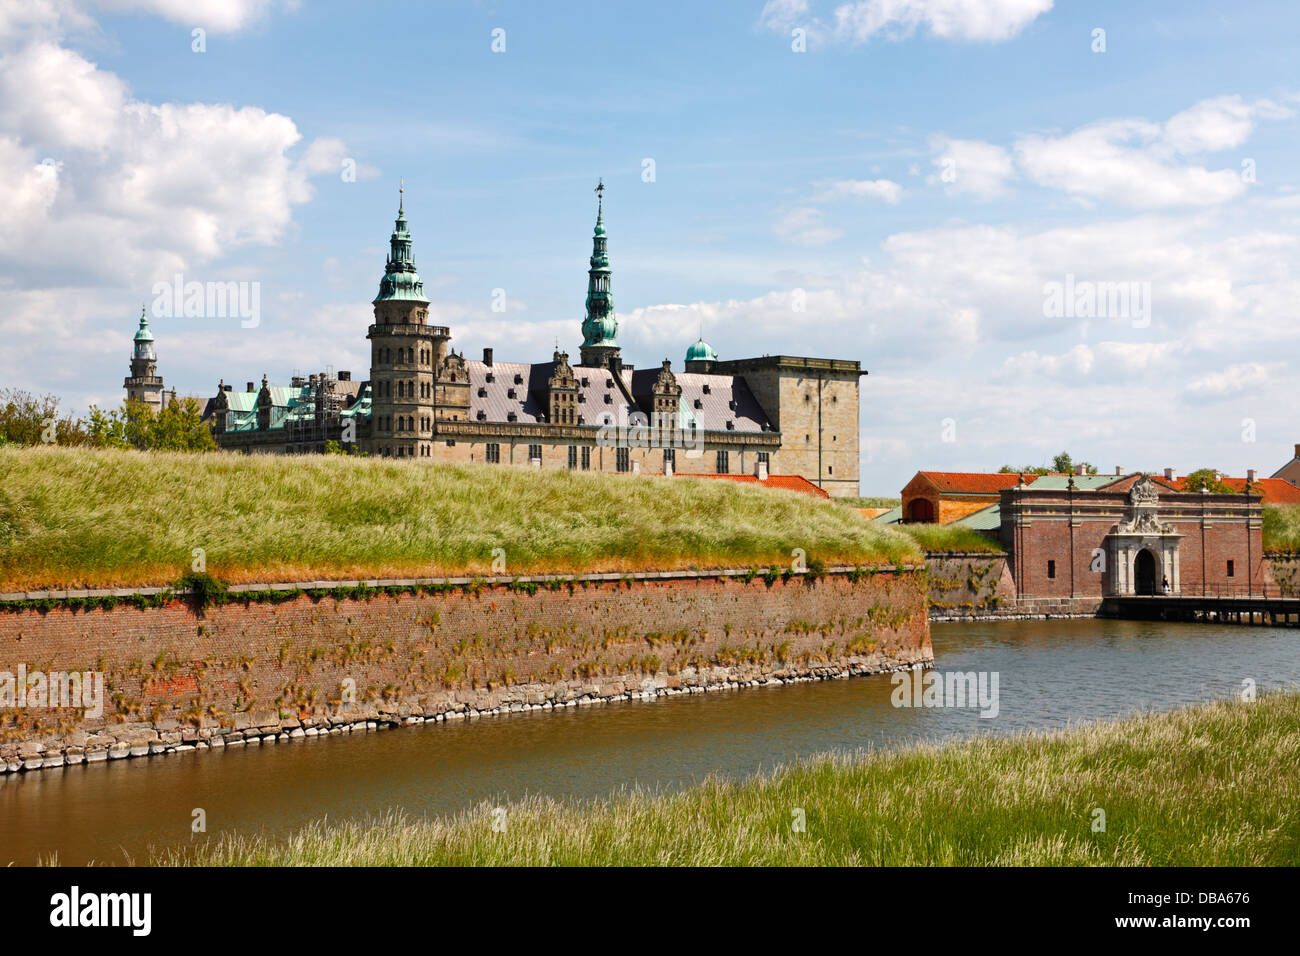 Das Renaissance Schloss Kronborg in Helsingør, Dänemark, mit dem Haupteingang und der schützenden Wassergraben im Vordergrund. Stockfoto